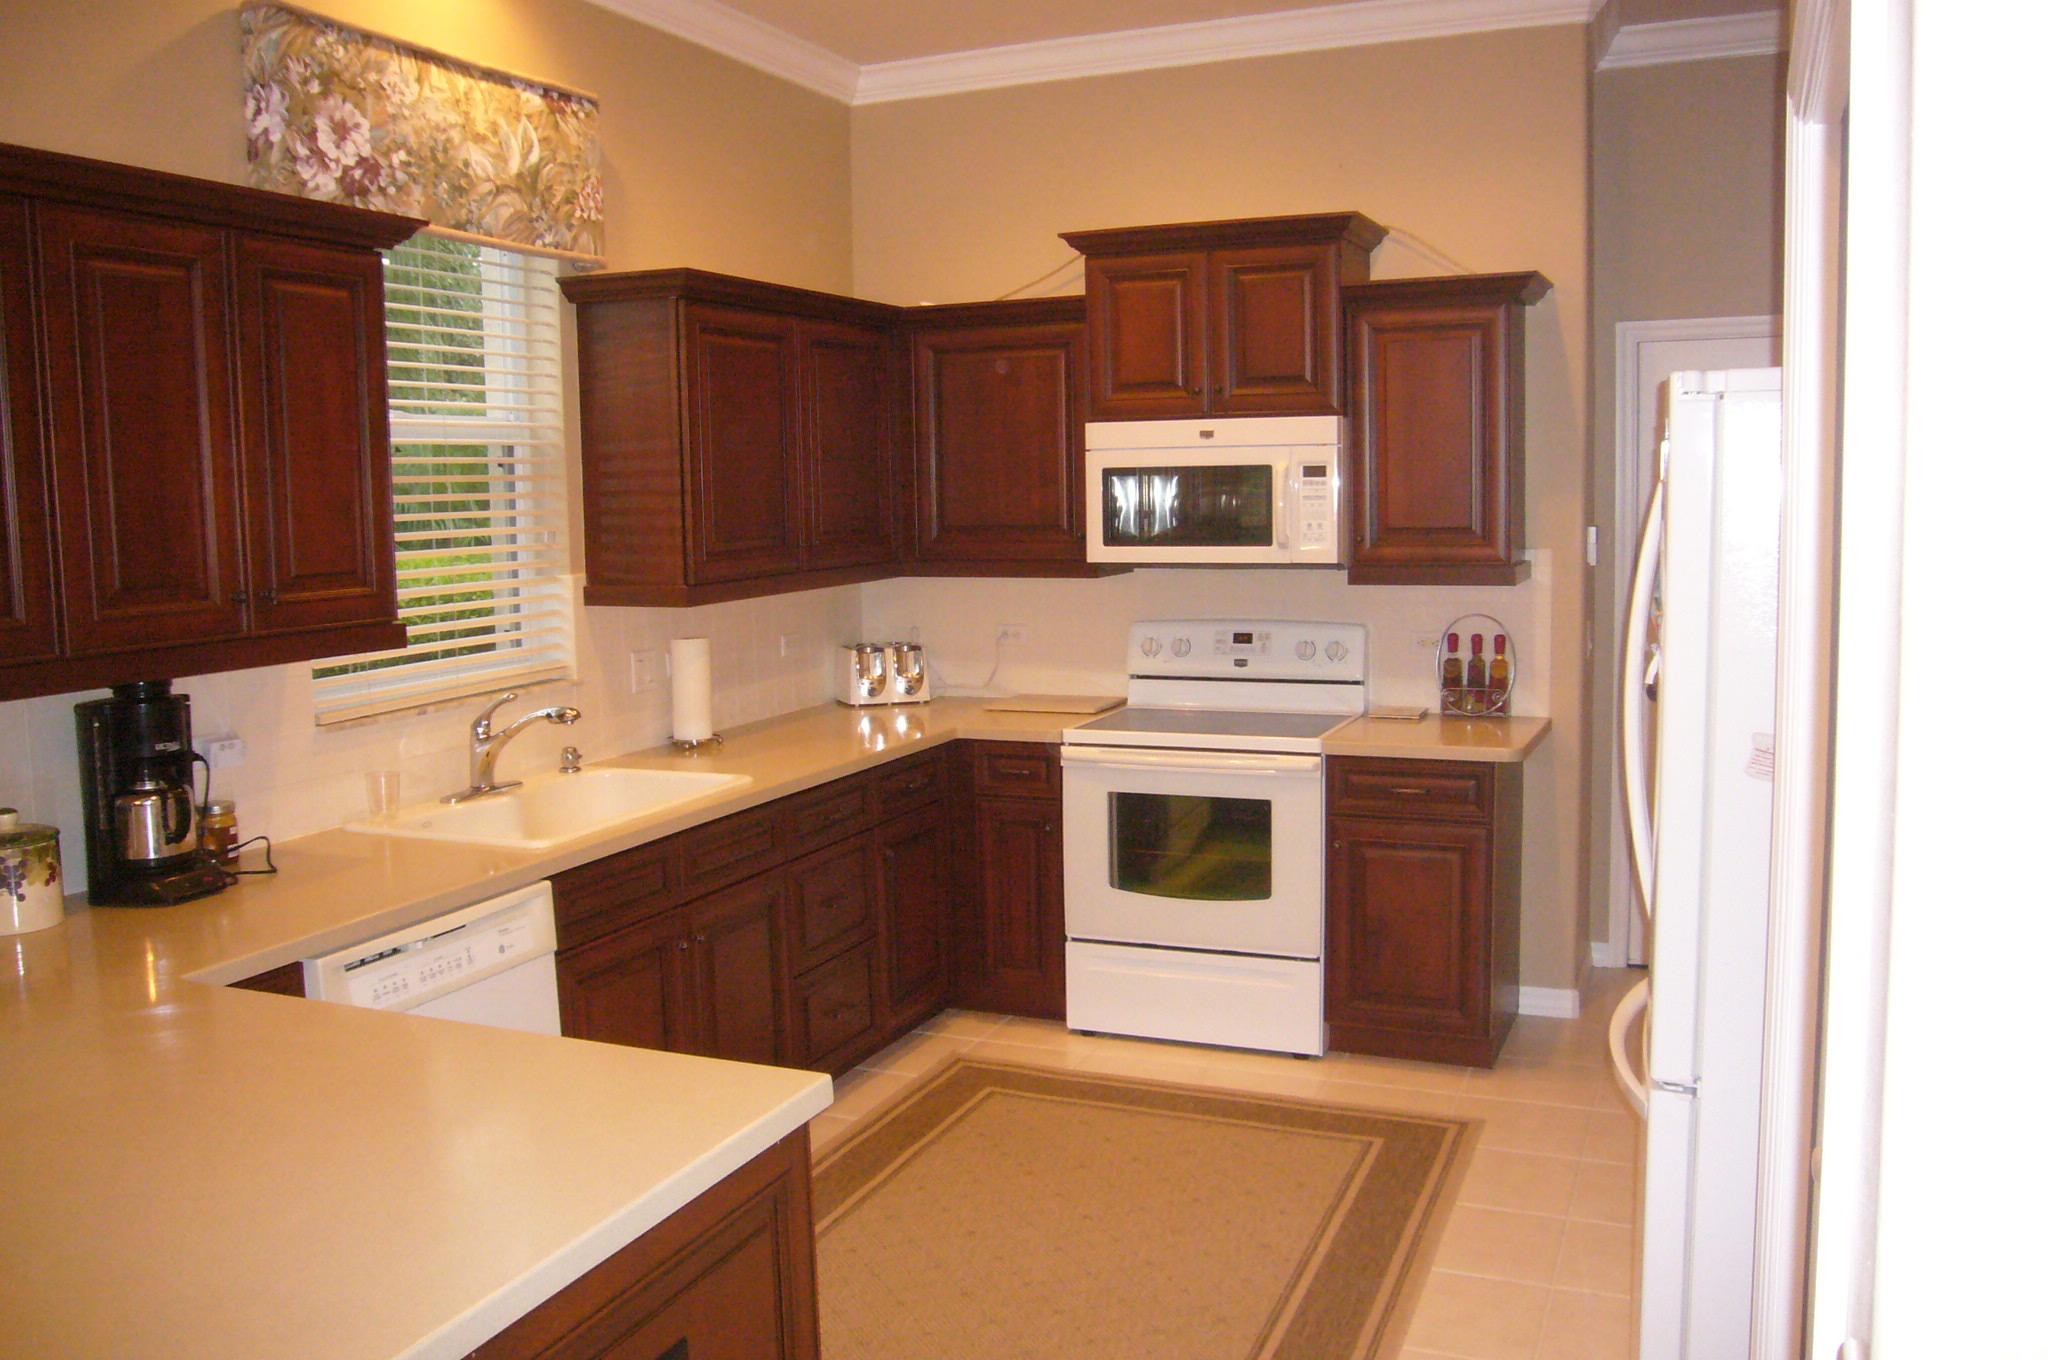 Refacing Kitchen Cabinets in Naples fl - Vanity Refacing ...